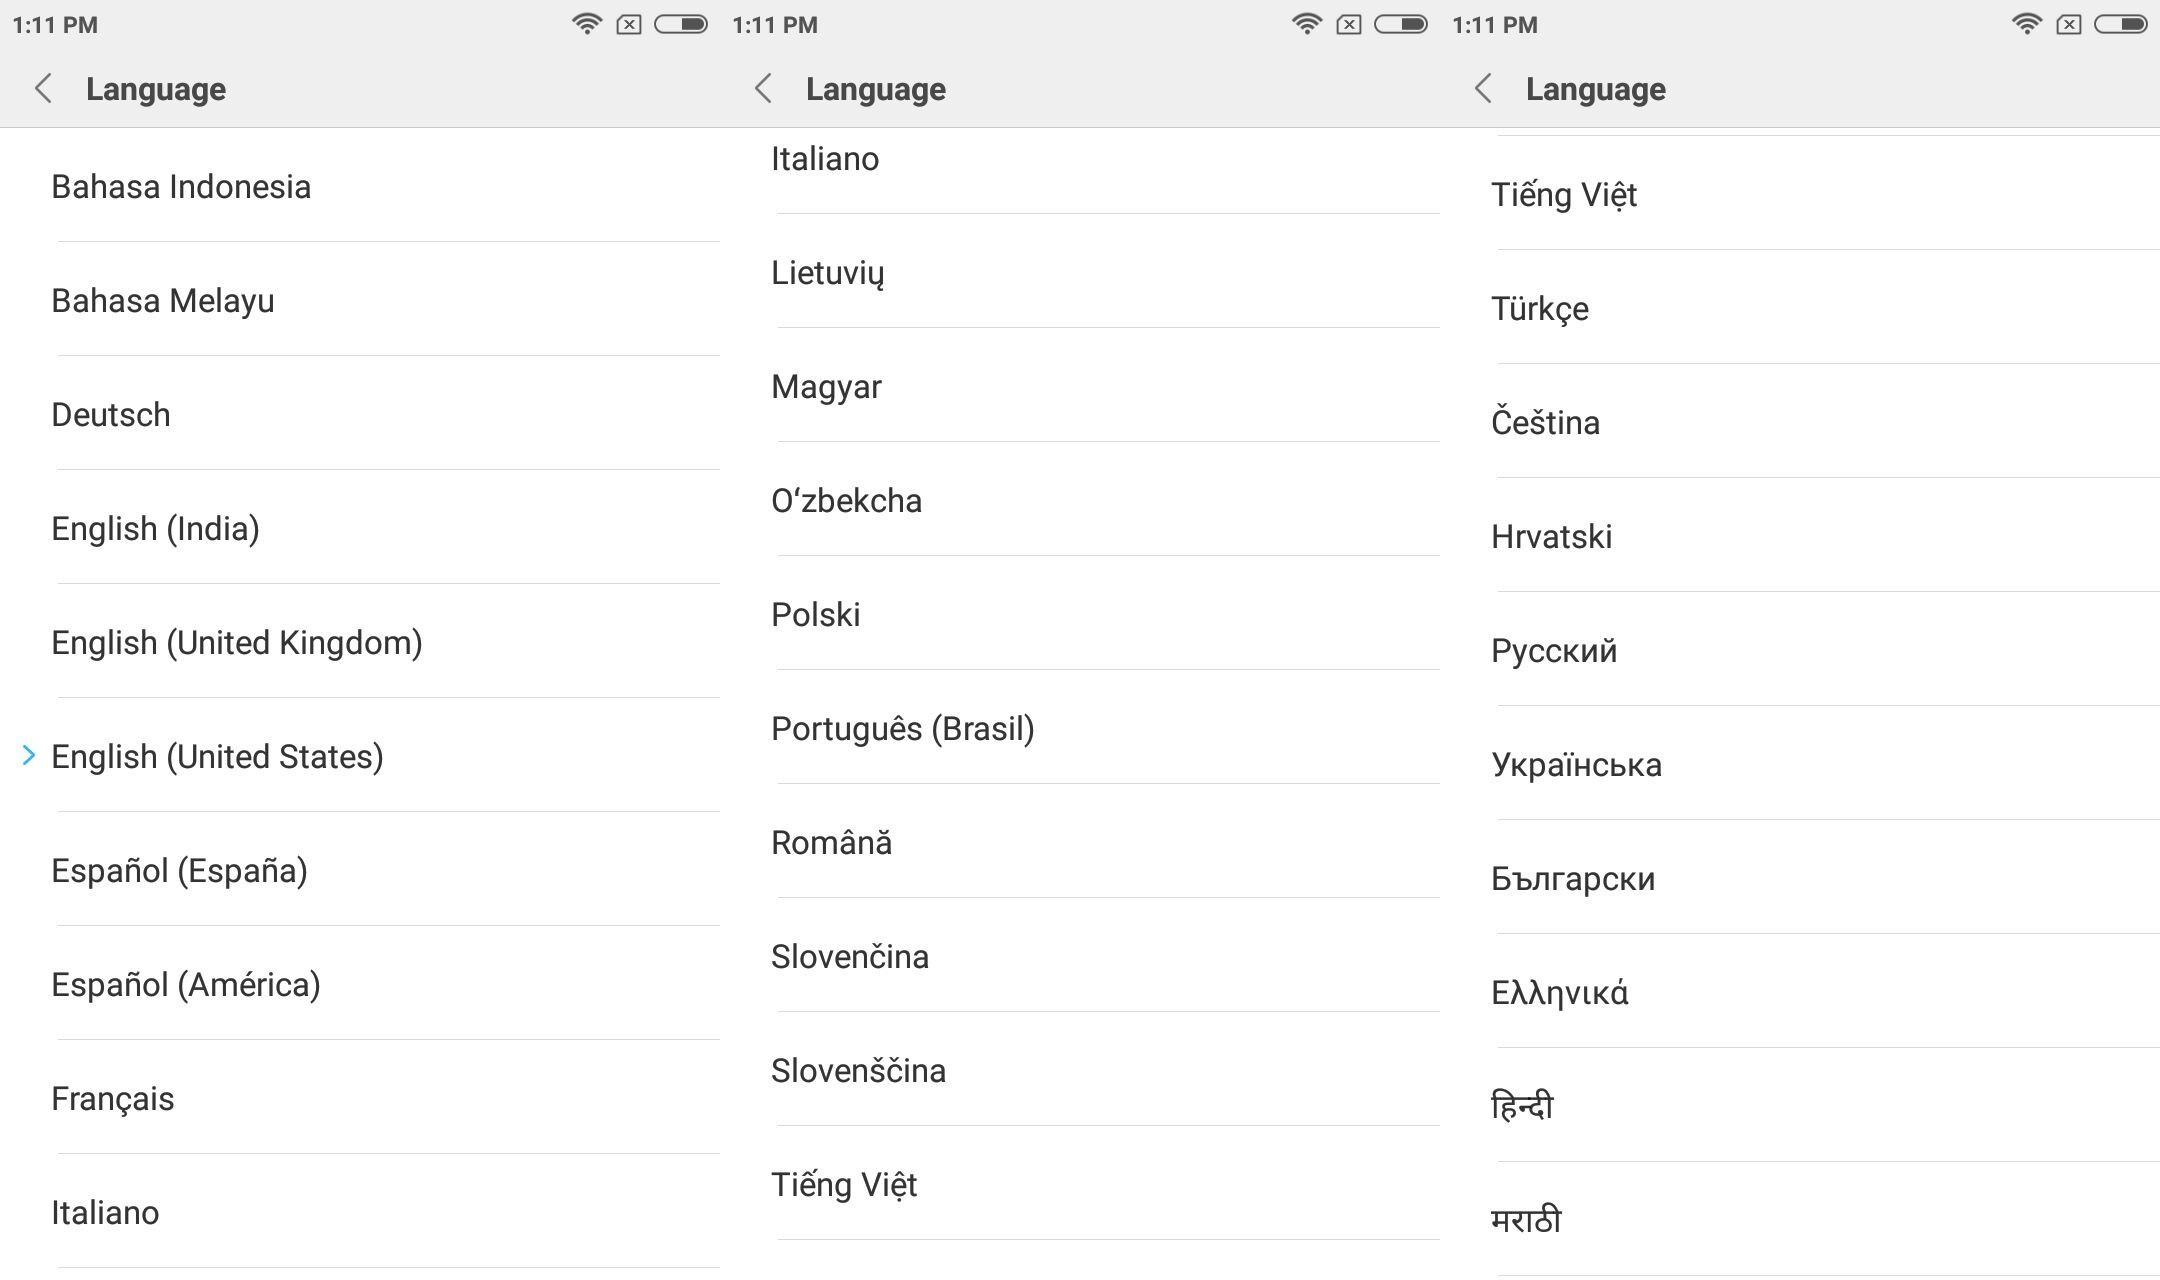 Calendario 2019 Con Feriados Venezuela Mejores Y Más Novedosos Xiaomi Redmi 4x 5 0 Pulgadas 2 Gb Ram 16 Gb Rom Snapdrag³n 435 Octa Of Calendario 2019 Con Feriados Venezuela Más Recientemente Liberado Letv Leeco Le Pro3 Elite X722 5 5 Pulgadas 4gb Ram 32gb Rom